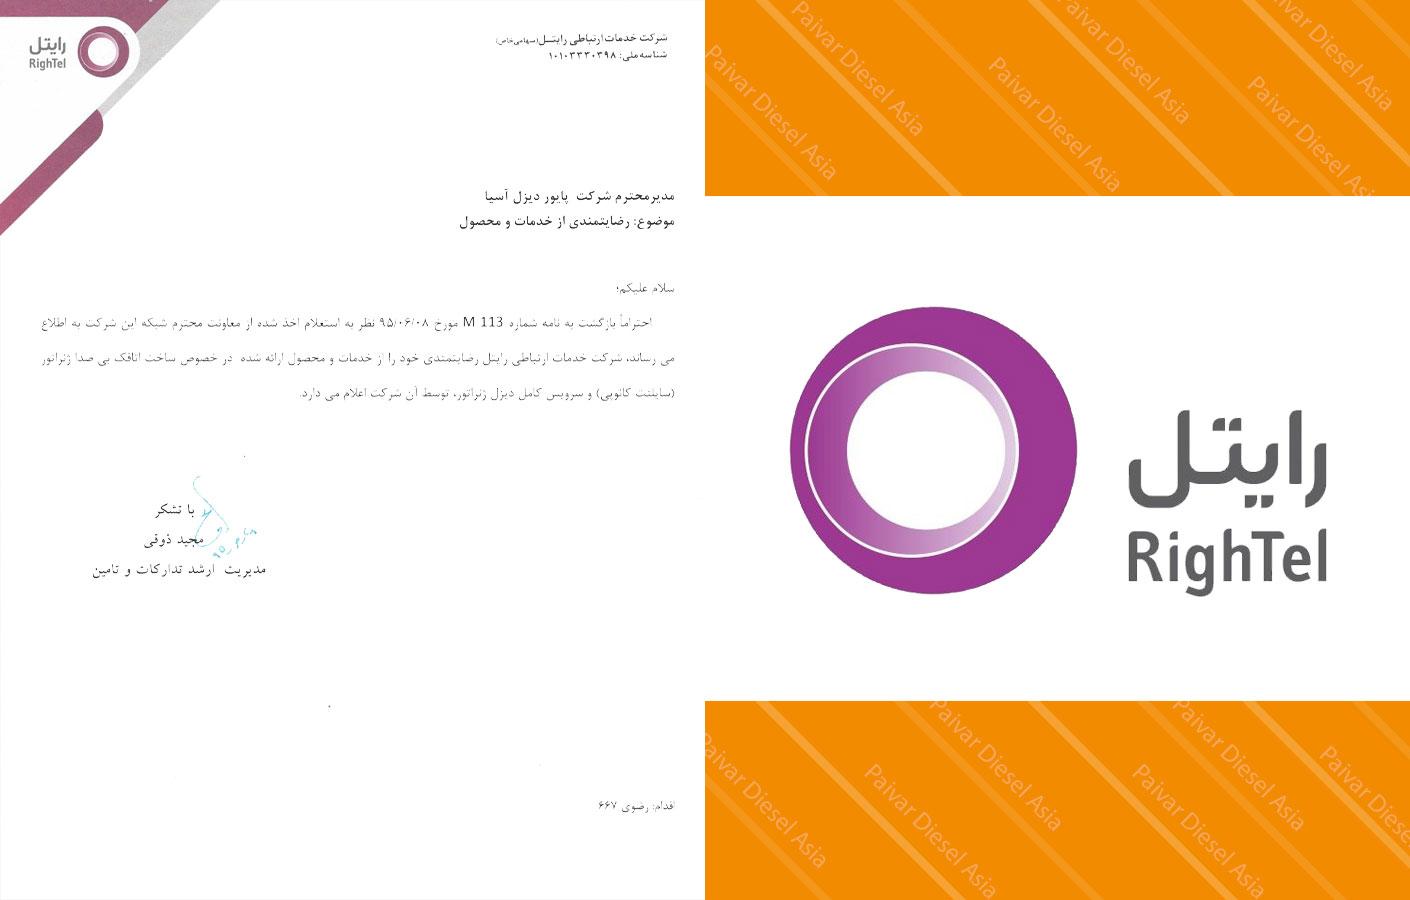 رضایت نامه خدمات ارتباطی رایتل